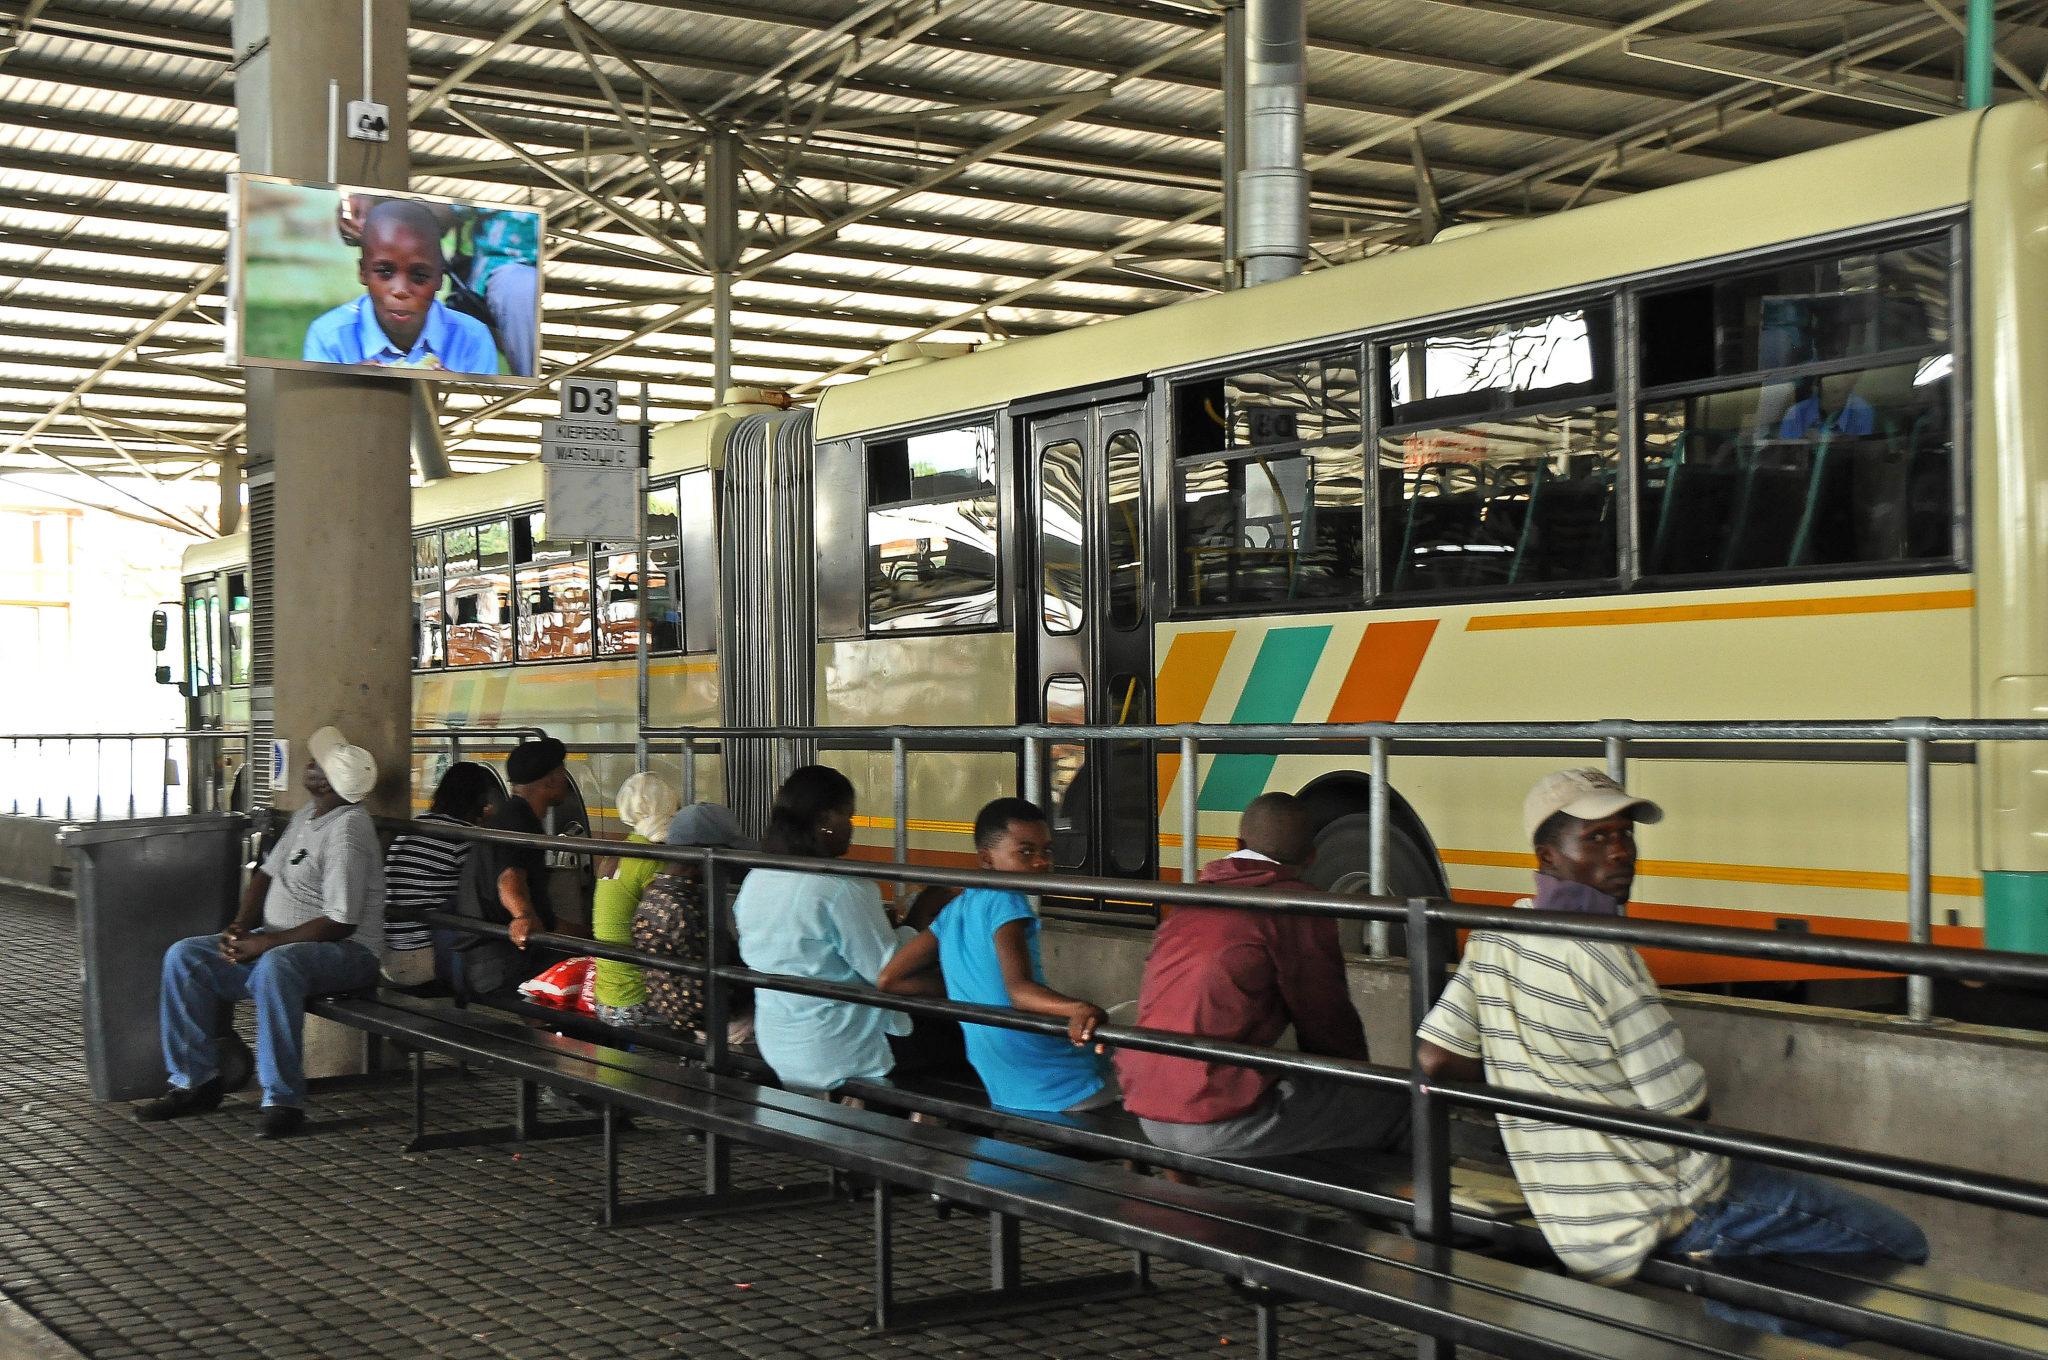 Nelspruit Transit TV